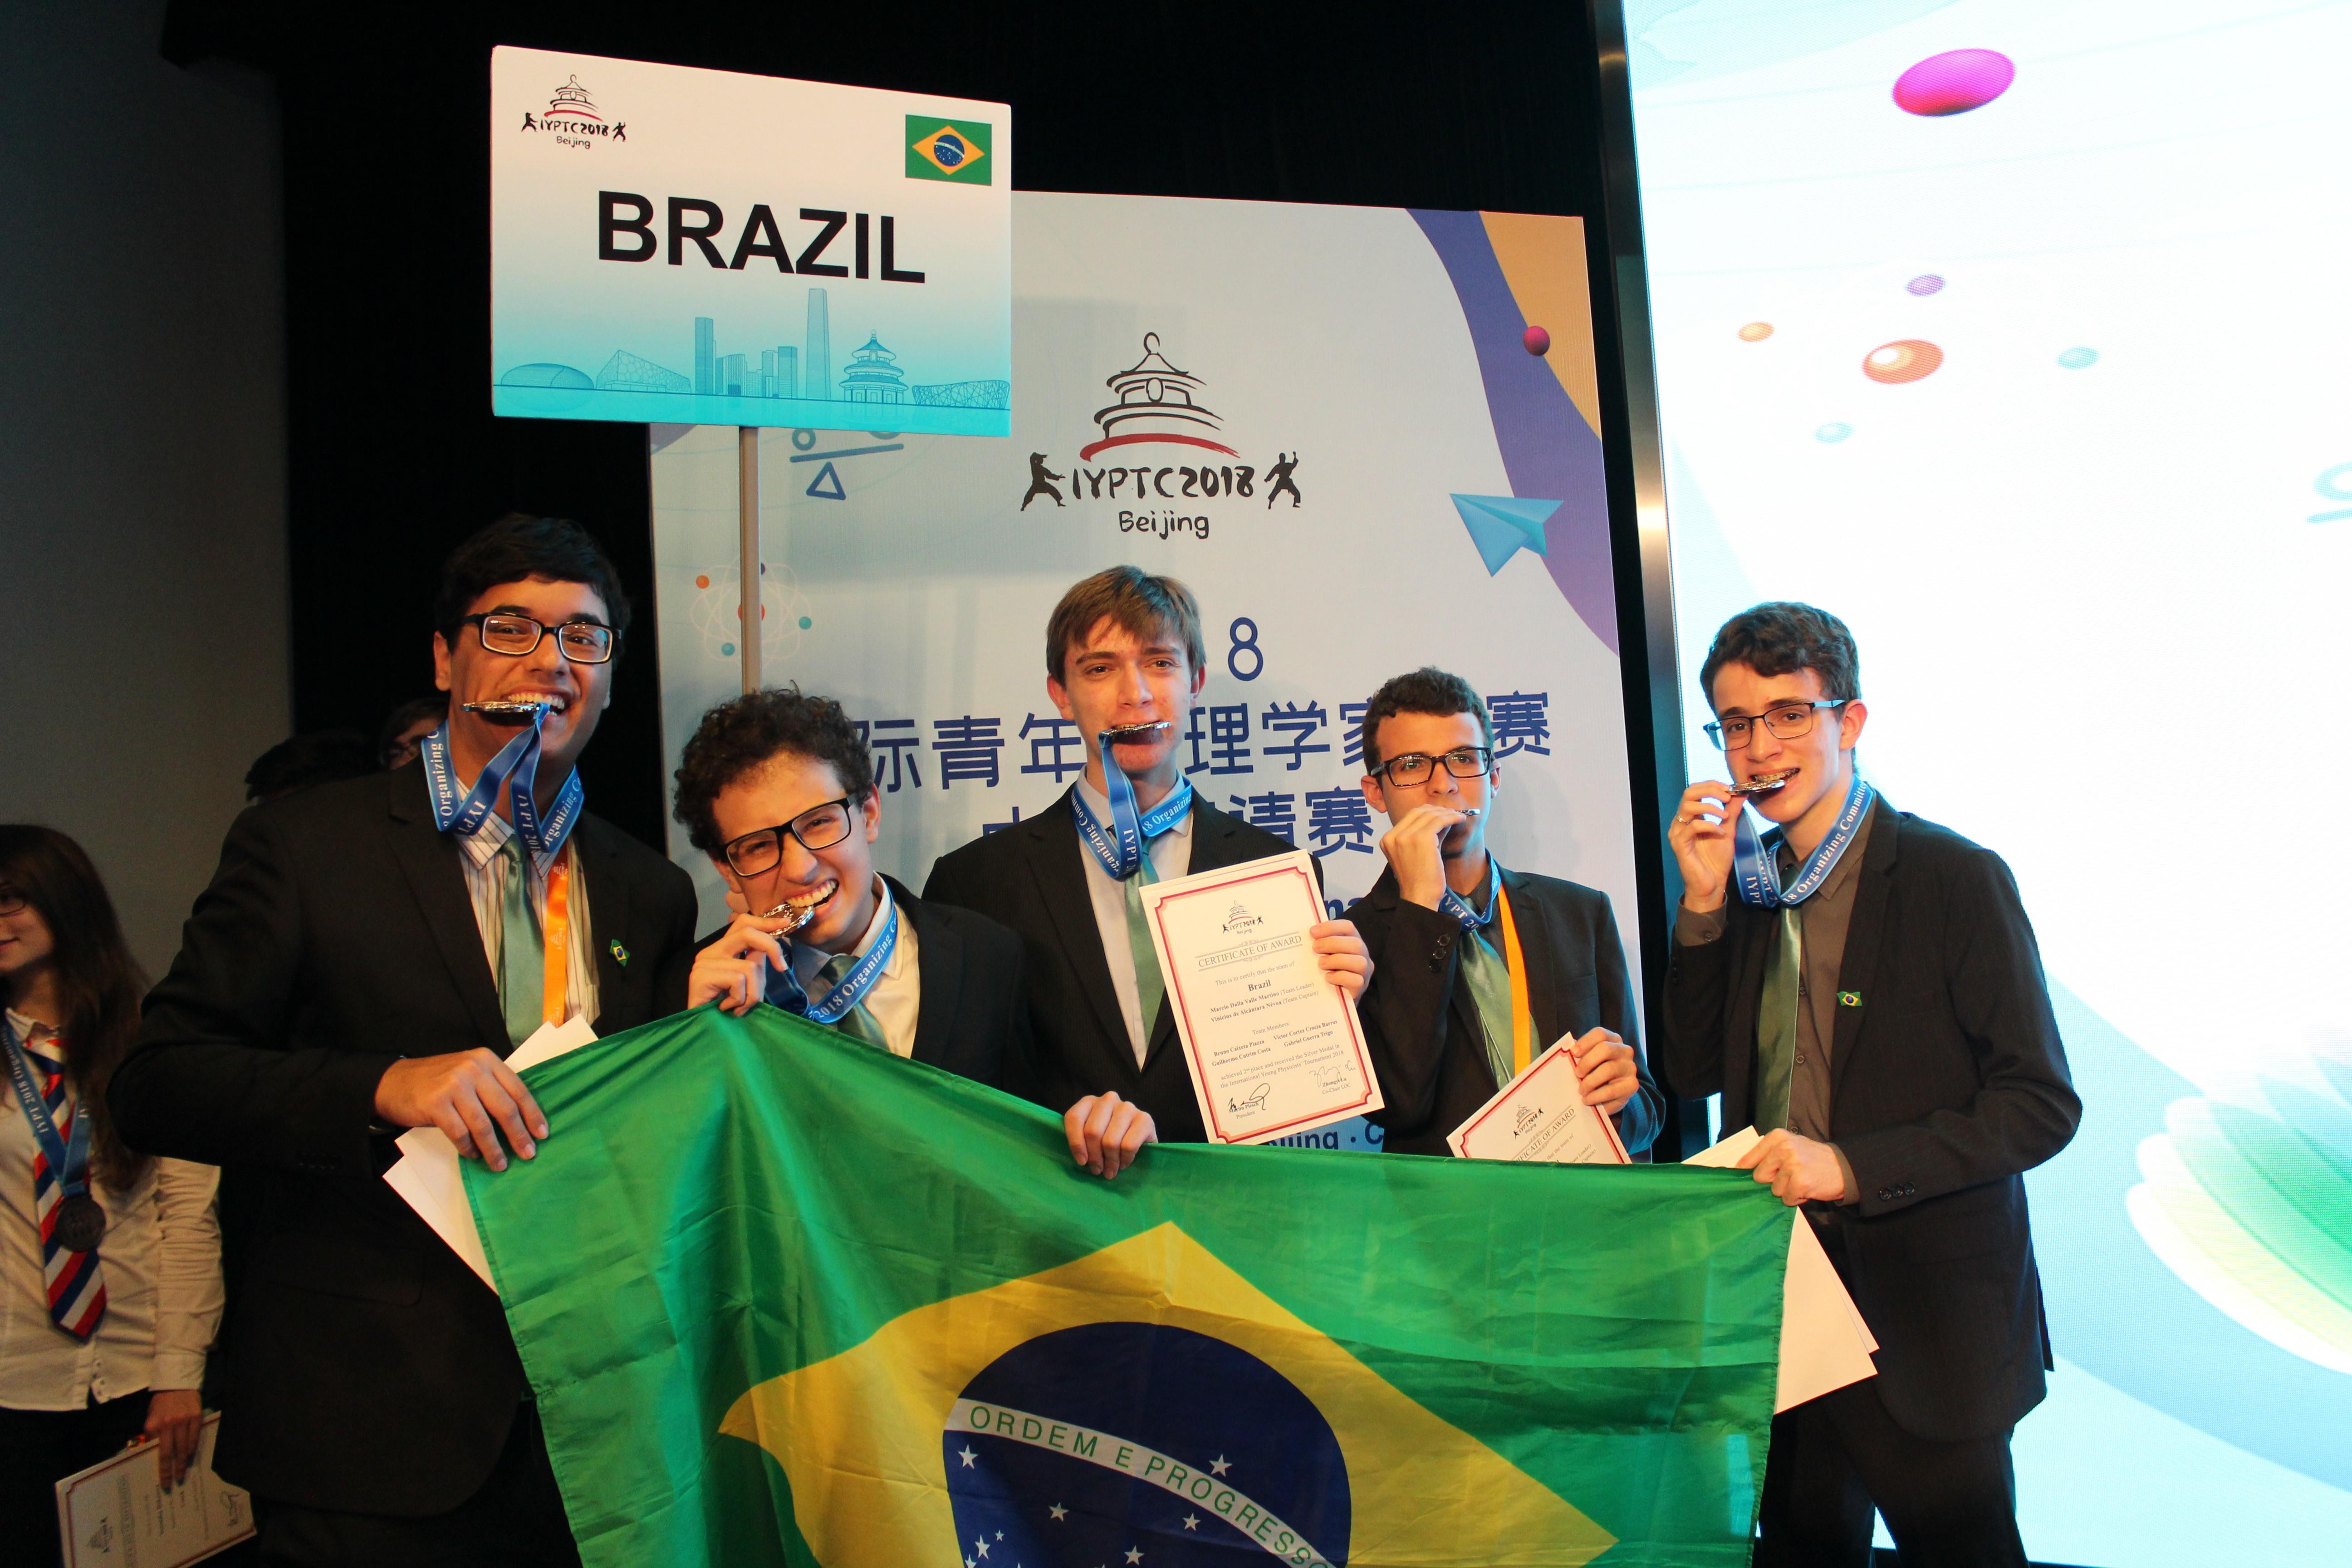 Estudantes brasileiro conquistam quinto lugar na edição de 2018 do Torneio Internacional de Jovens Físicos (Foto: Divulgação/IYPT BR)